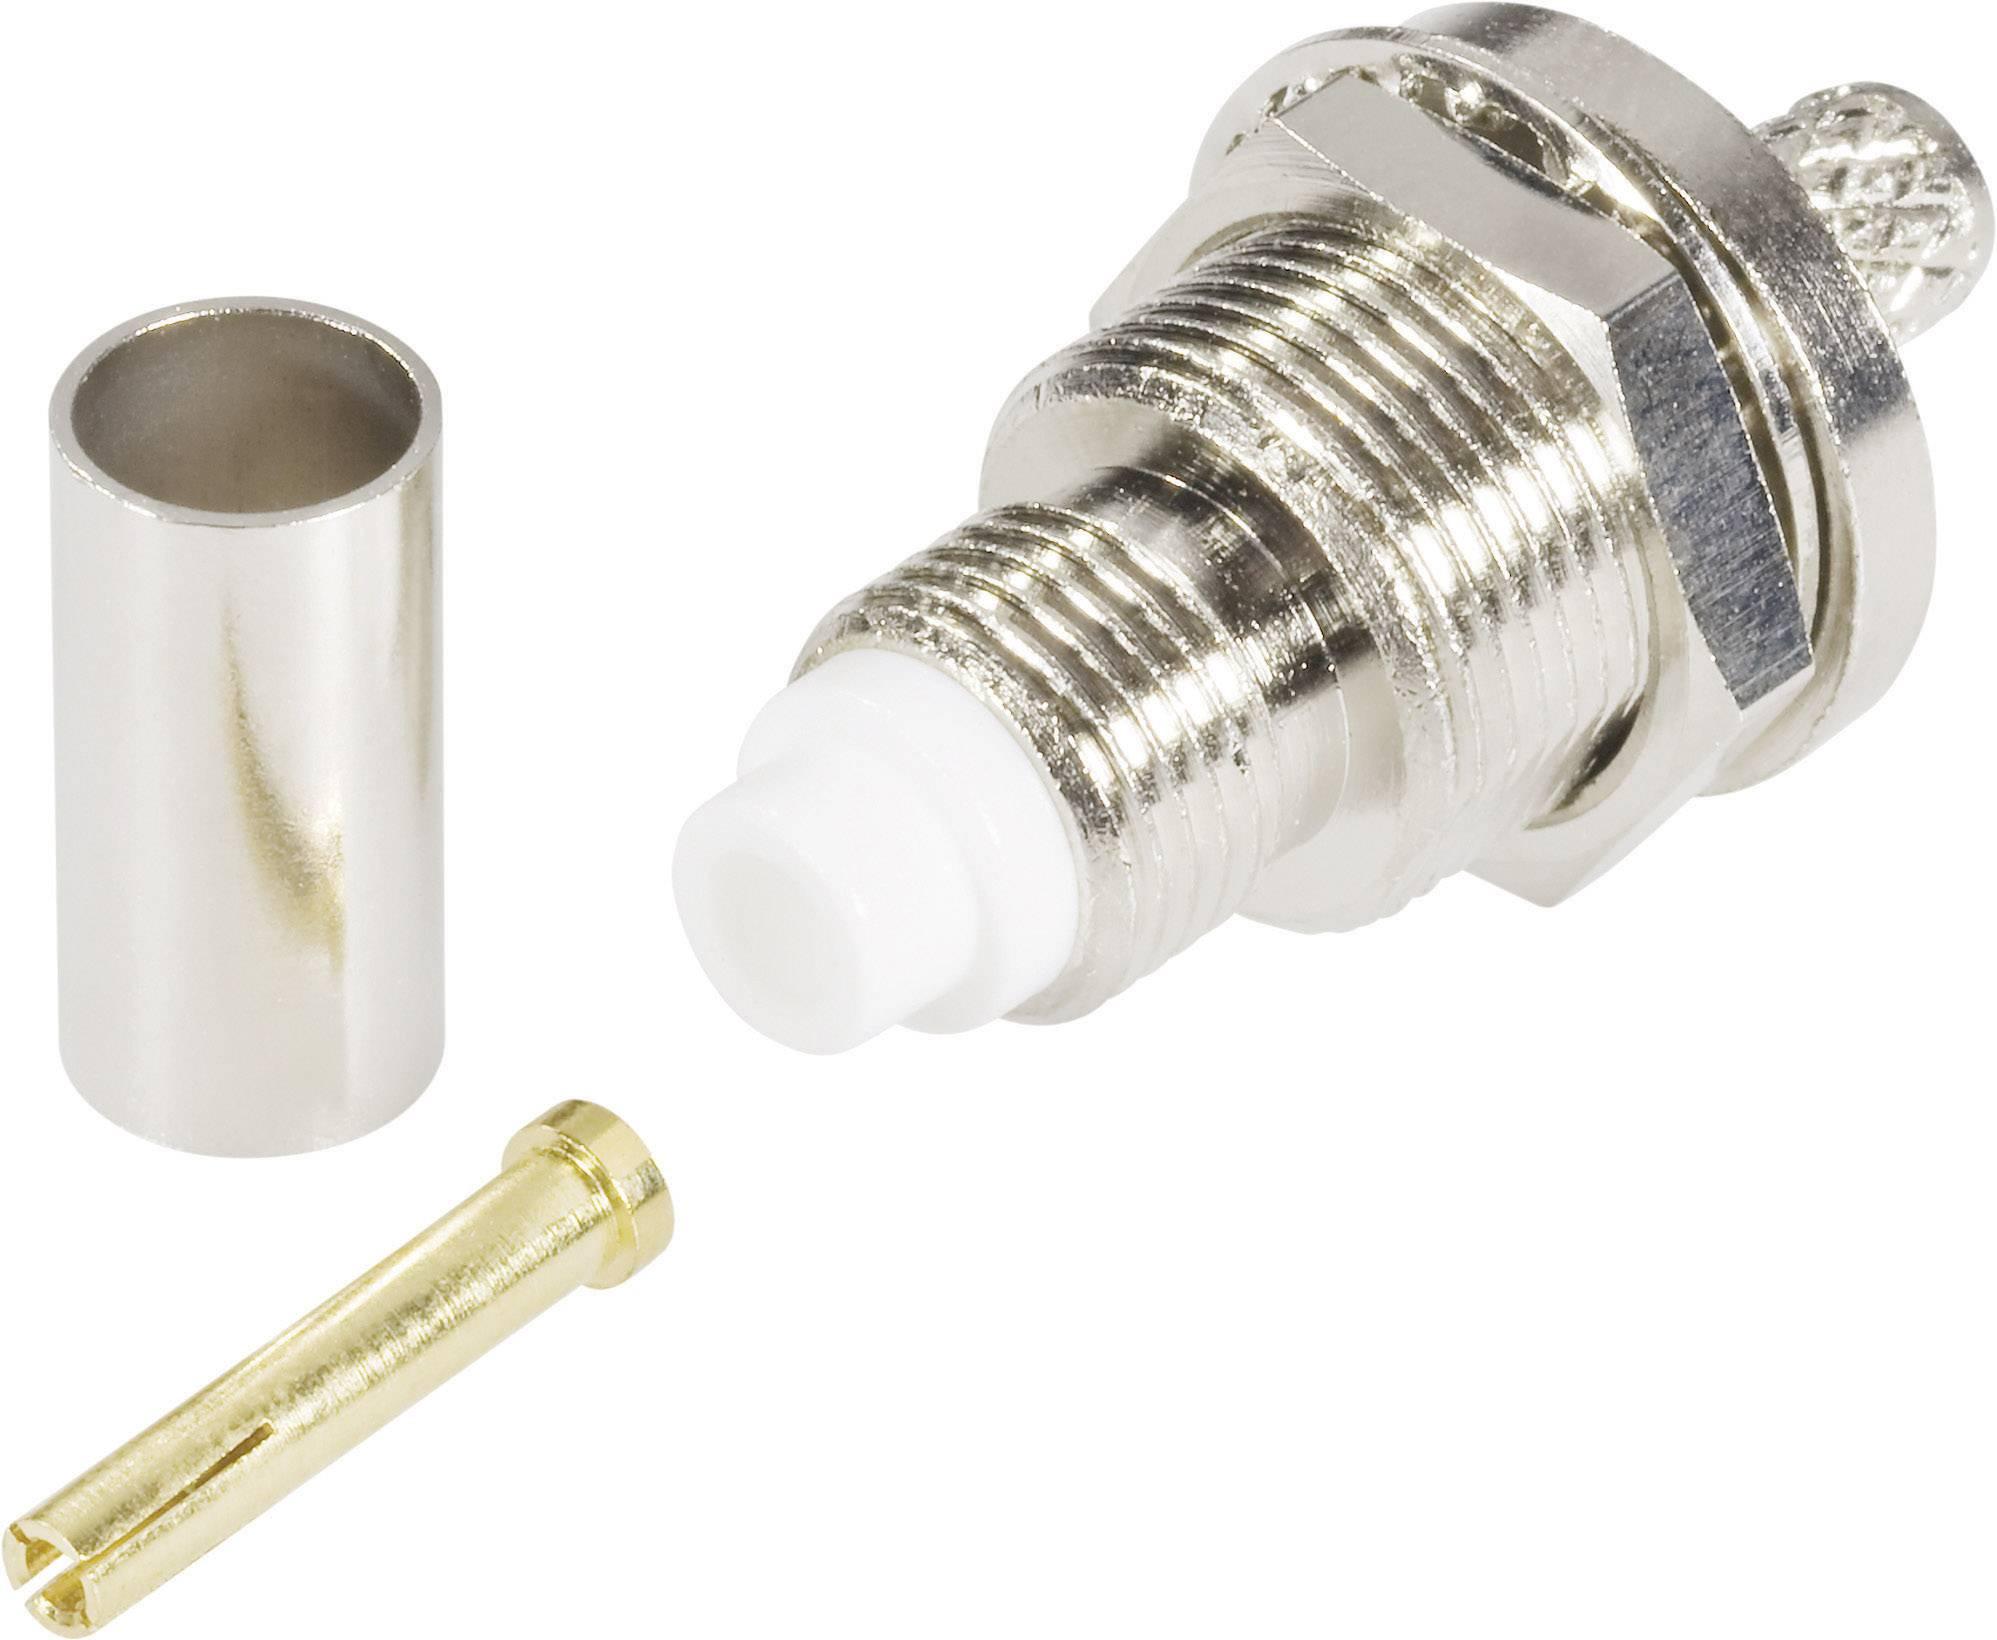 FME konektor - zásuvka, vestavná vertikální TRU COMPONENTS 2.90 mm, 1 ks